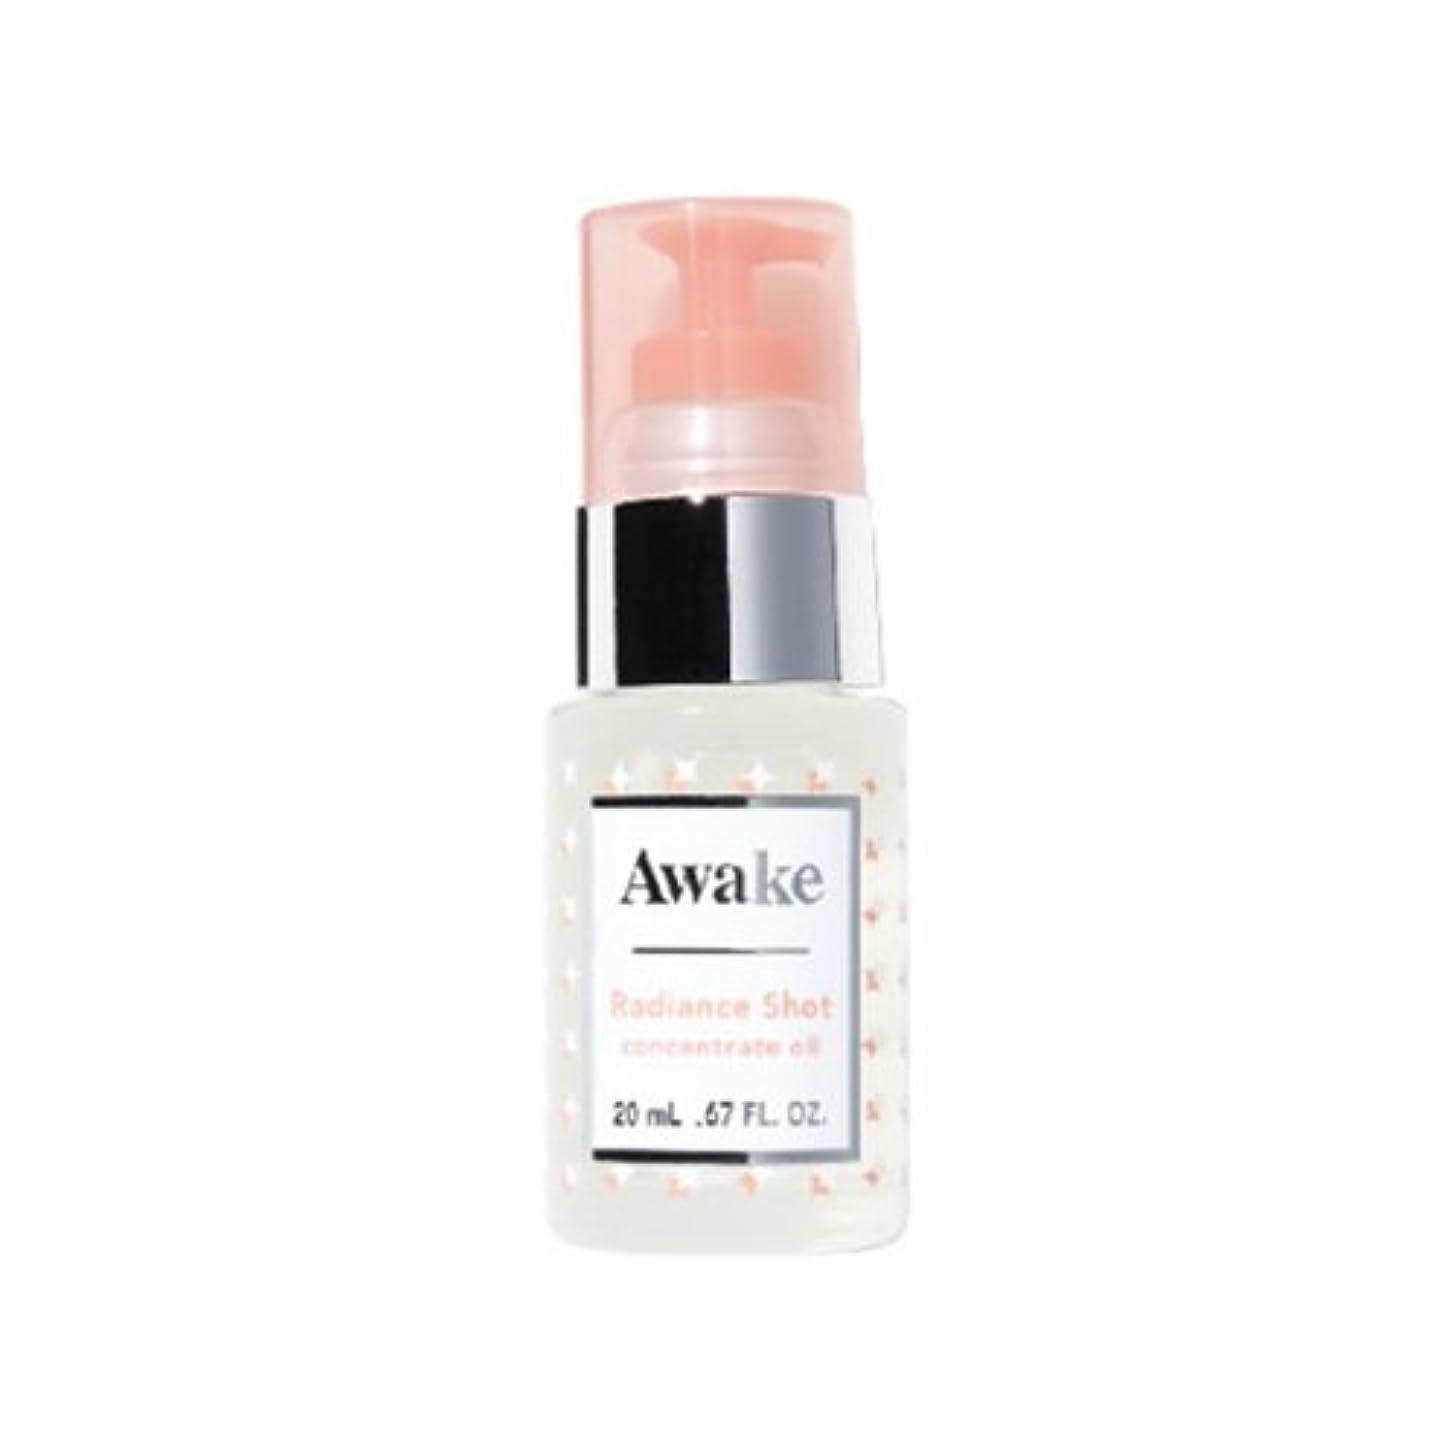 敬意を表する寛解消毒剤アウェイク(AWAKE) Awake(アウェイク) ラディアンスショット コンセントレイトオイル 〈美容オイル〉 (20mL)